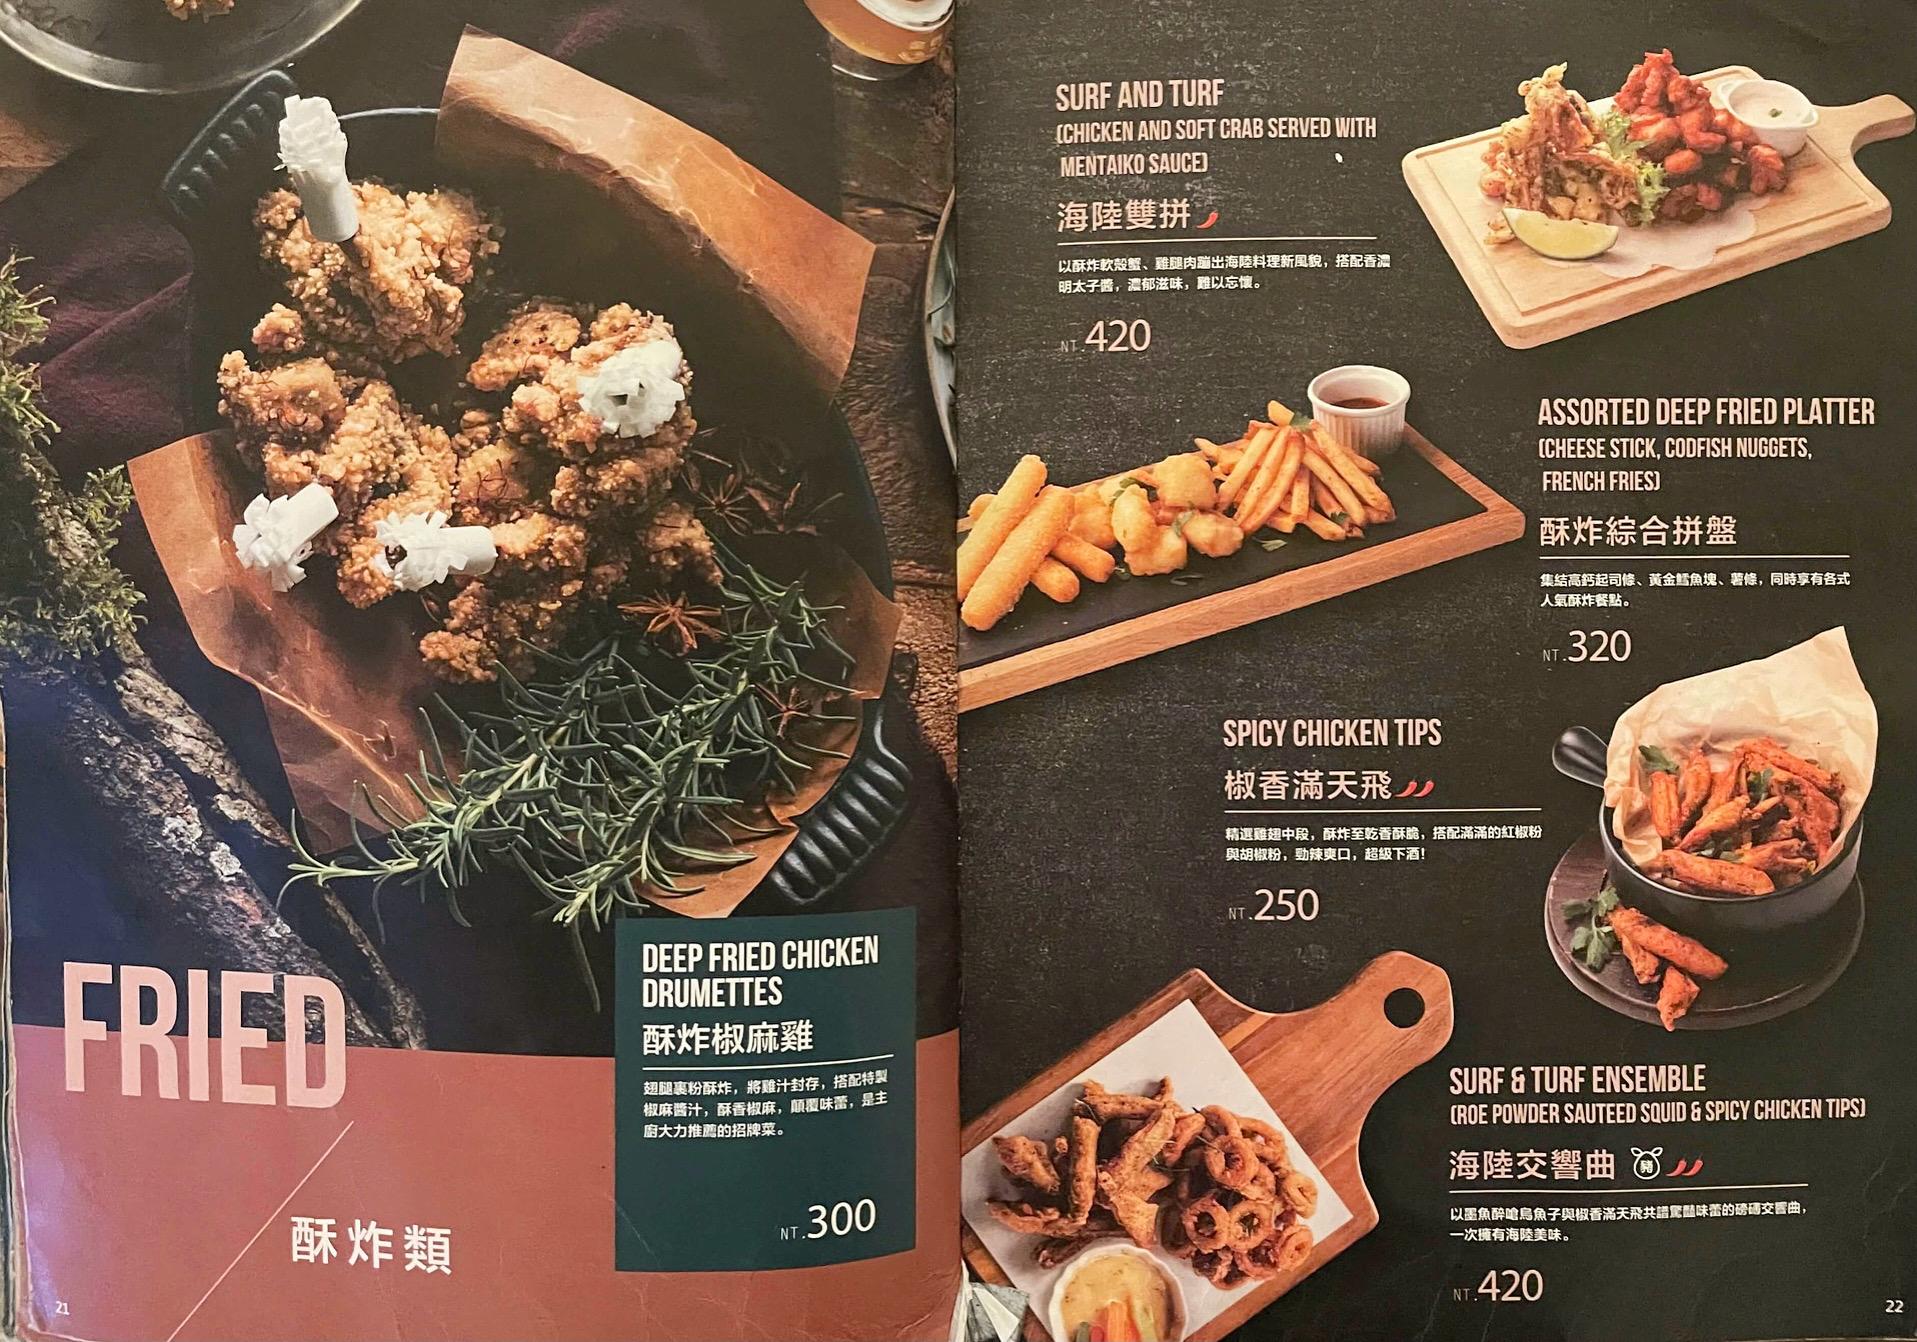 金色三麥菜單MENU-酥炸類